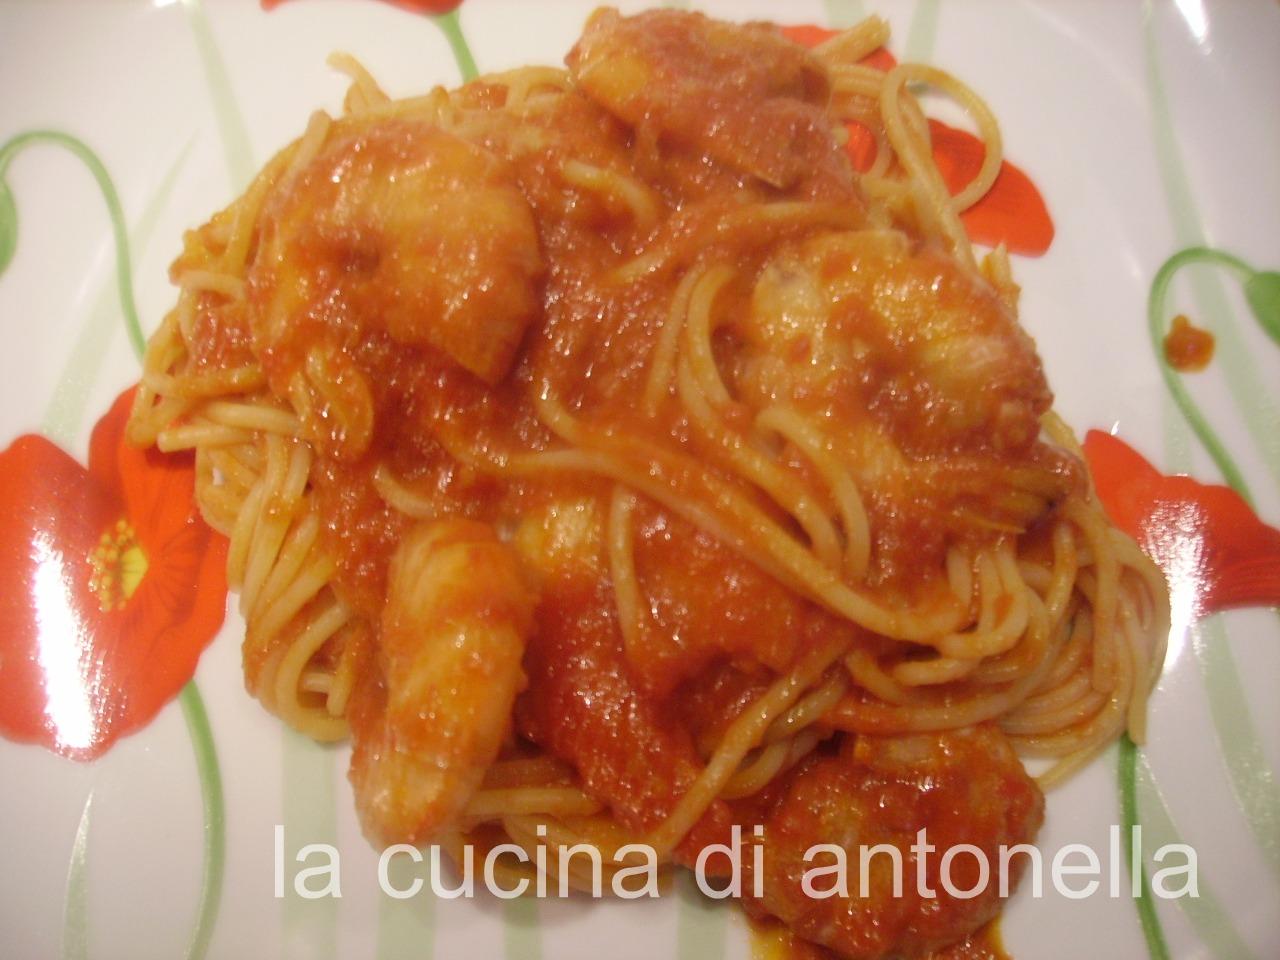 La cucina di antonella spaghetti alla busara a modo mio - La cucina di antonella ...